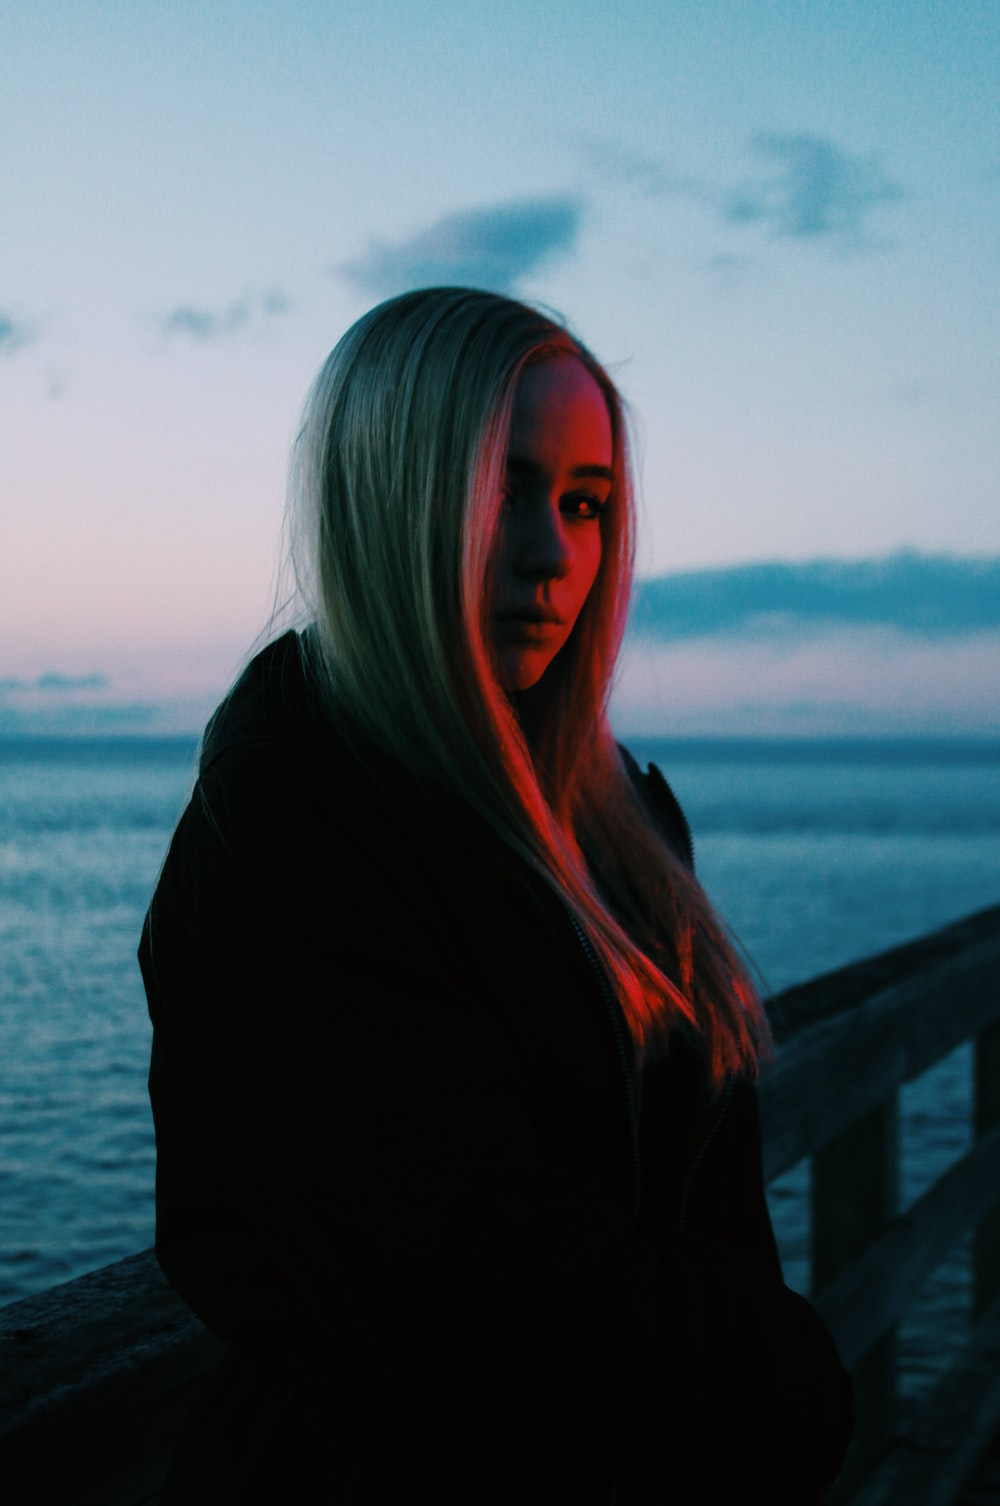 woman wearing black jacket standing across body of water